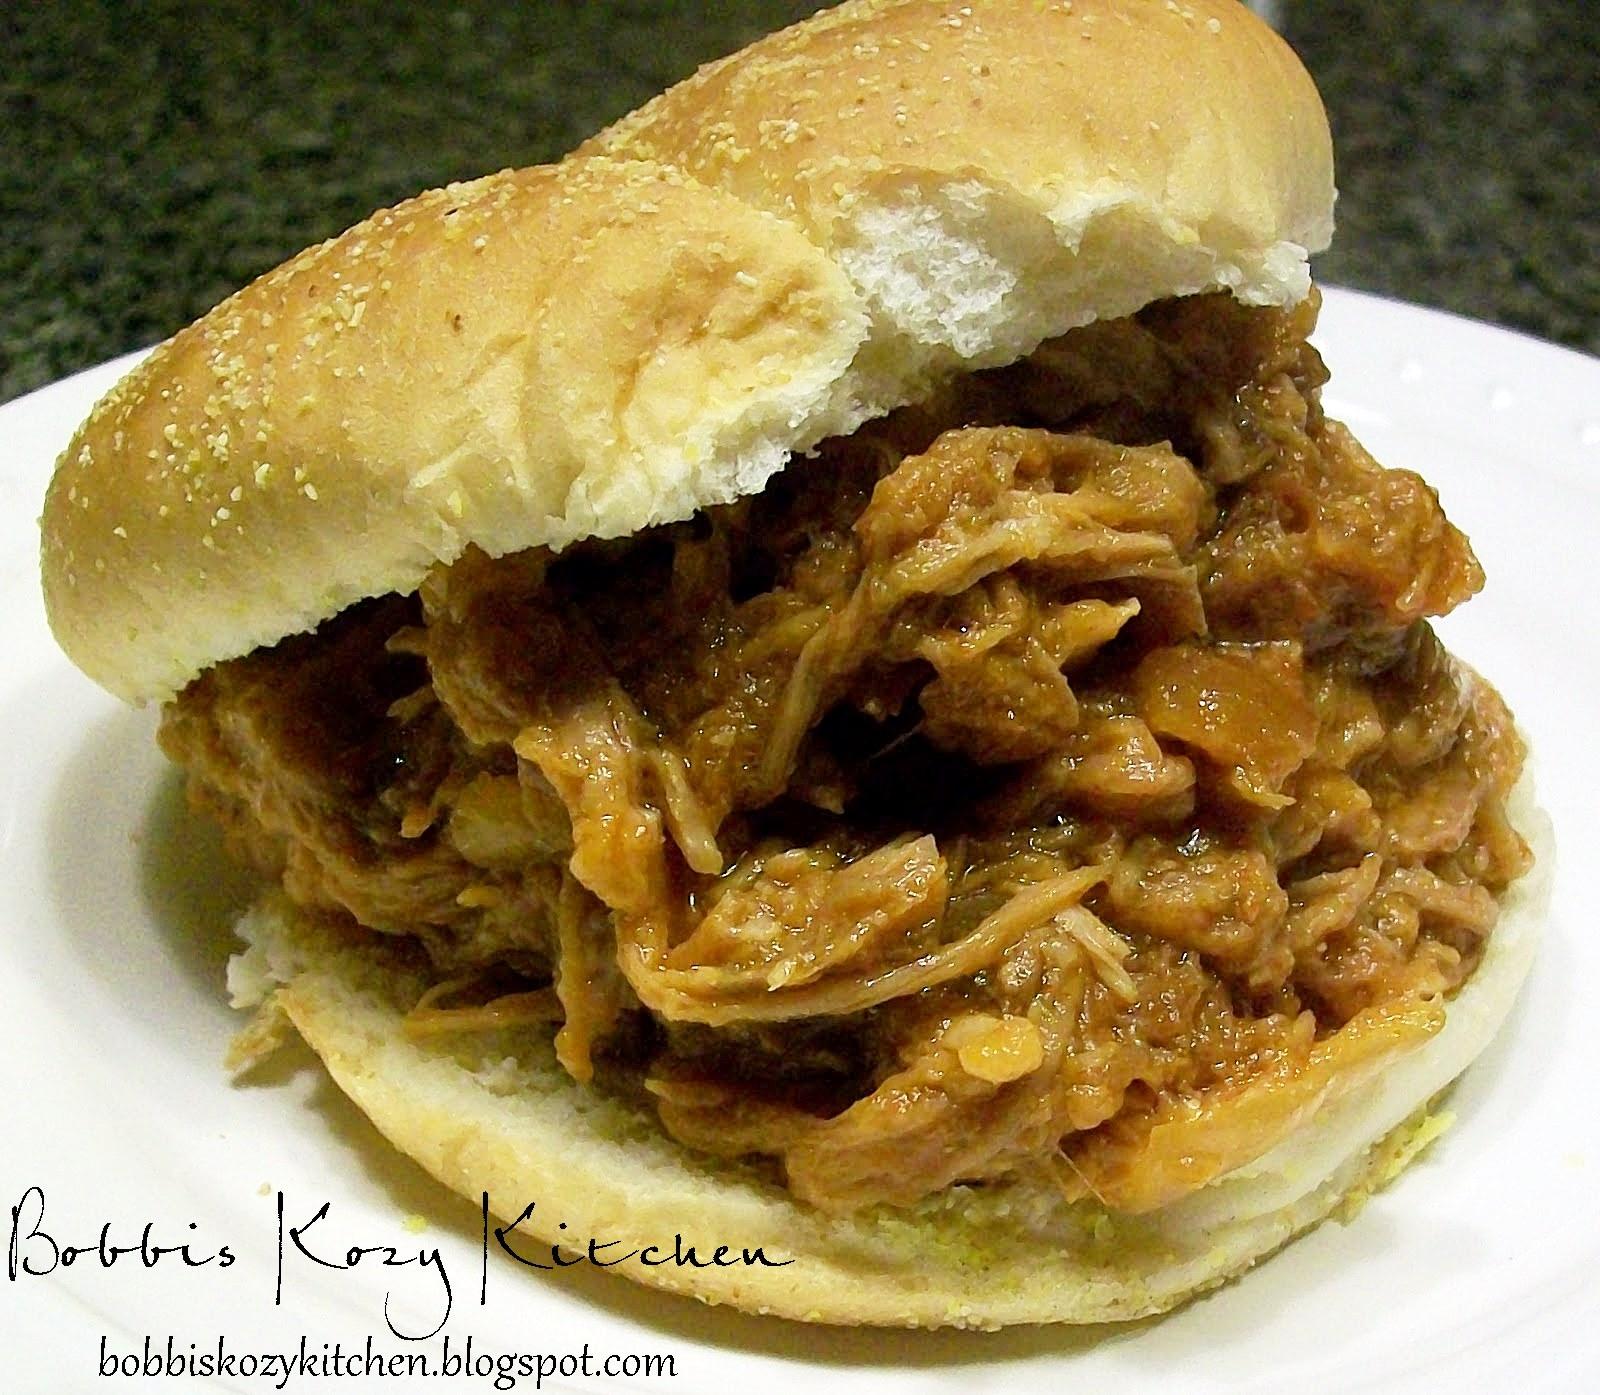 slow+cooker+pulled+pork+sammies.JPG